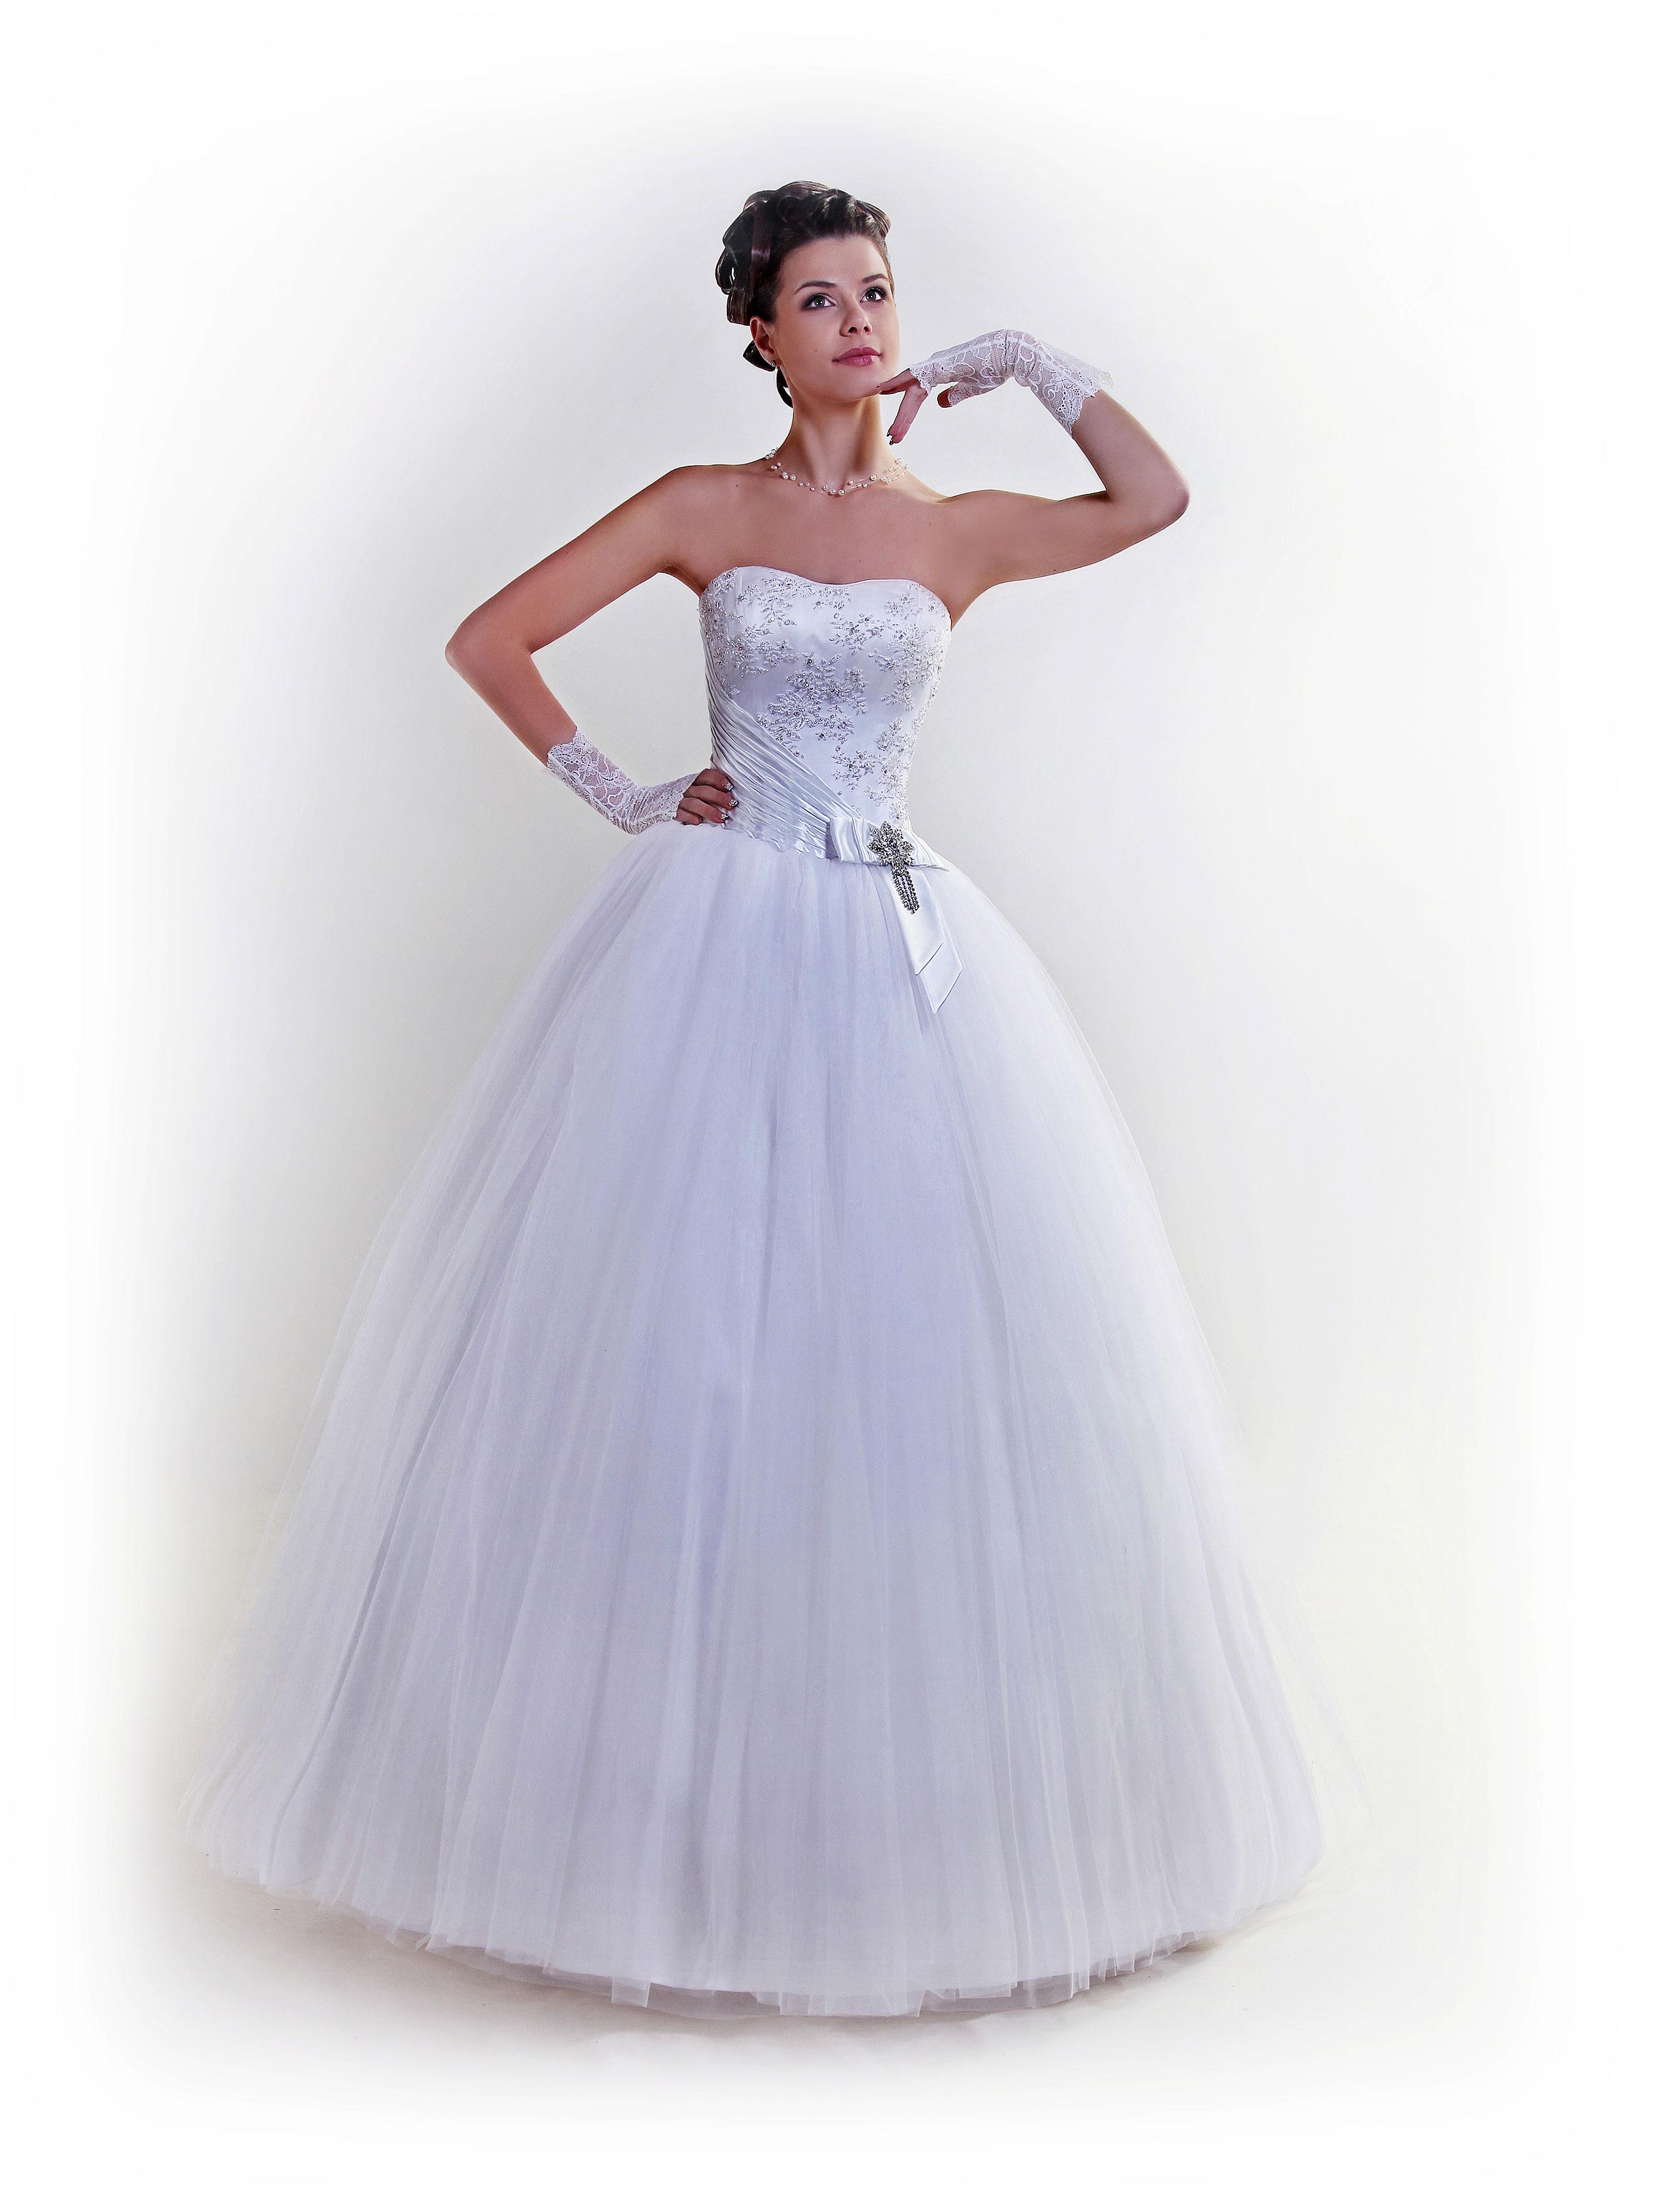 Купить свадебное платье в Москве. Существует большое разнообразие свадебных салонов в